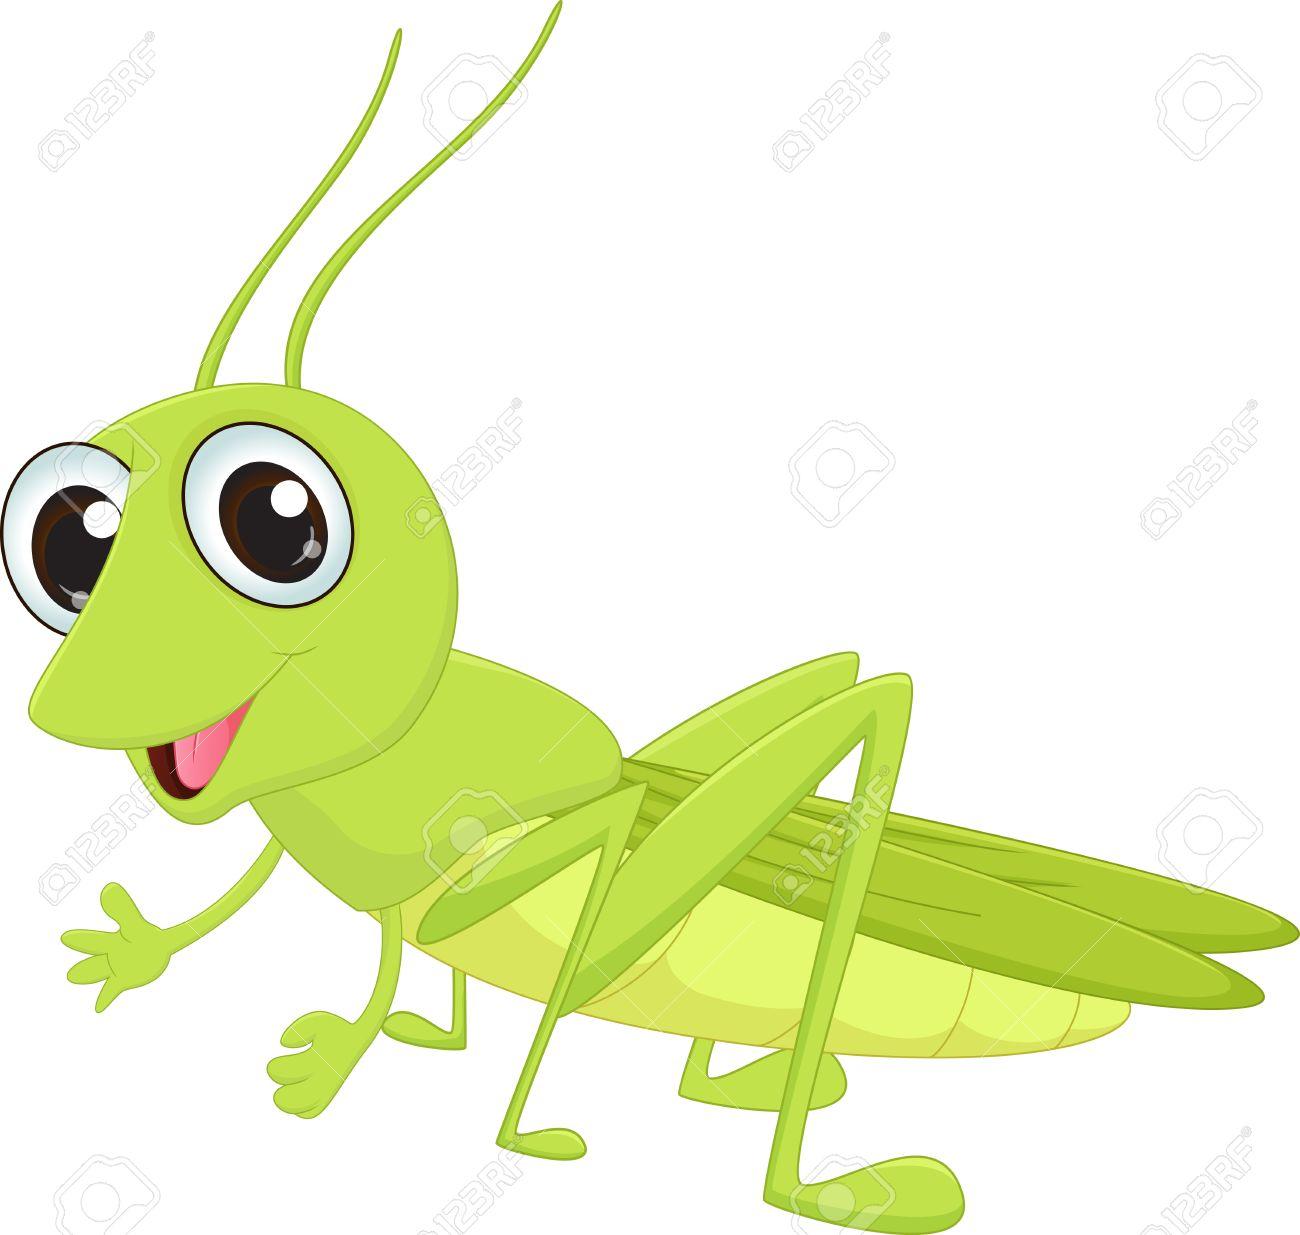 Cute grasshopper cartoon.